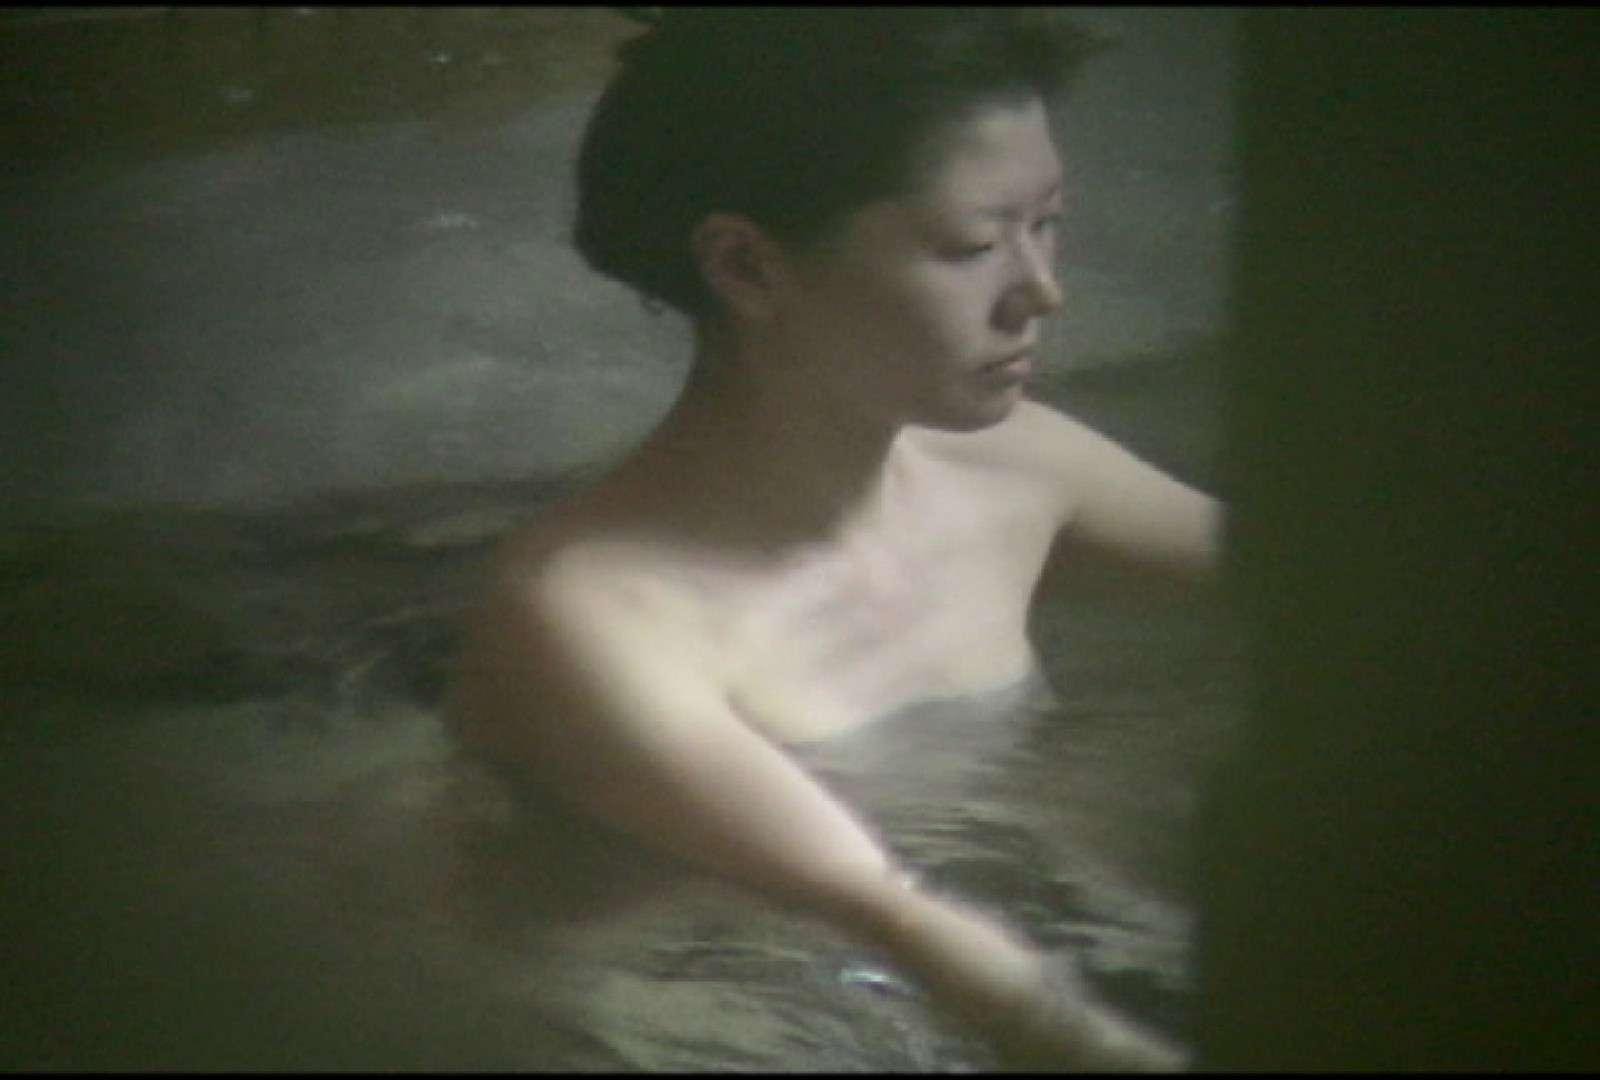 Aquaな露天風呂Vol.699 女体盗撮 | 露天  60連発 31